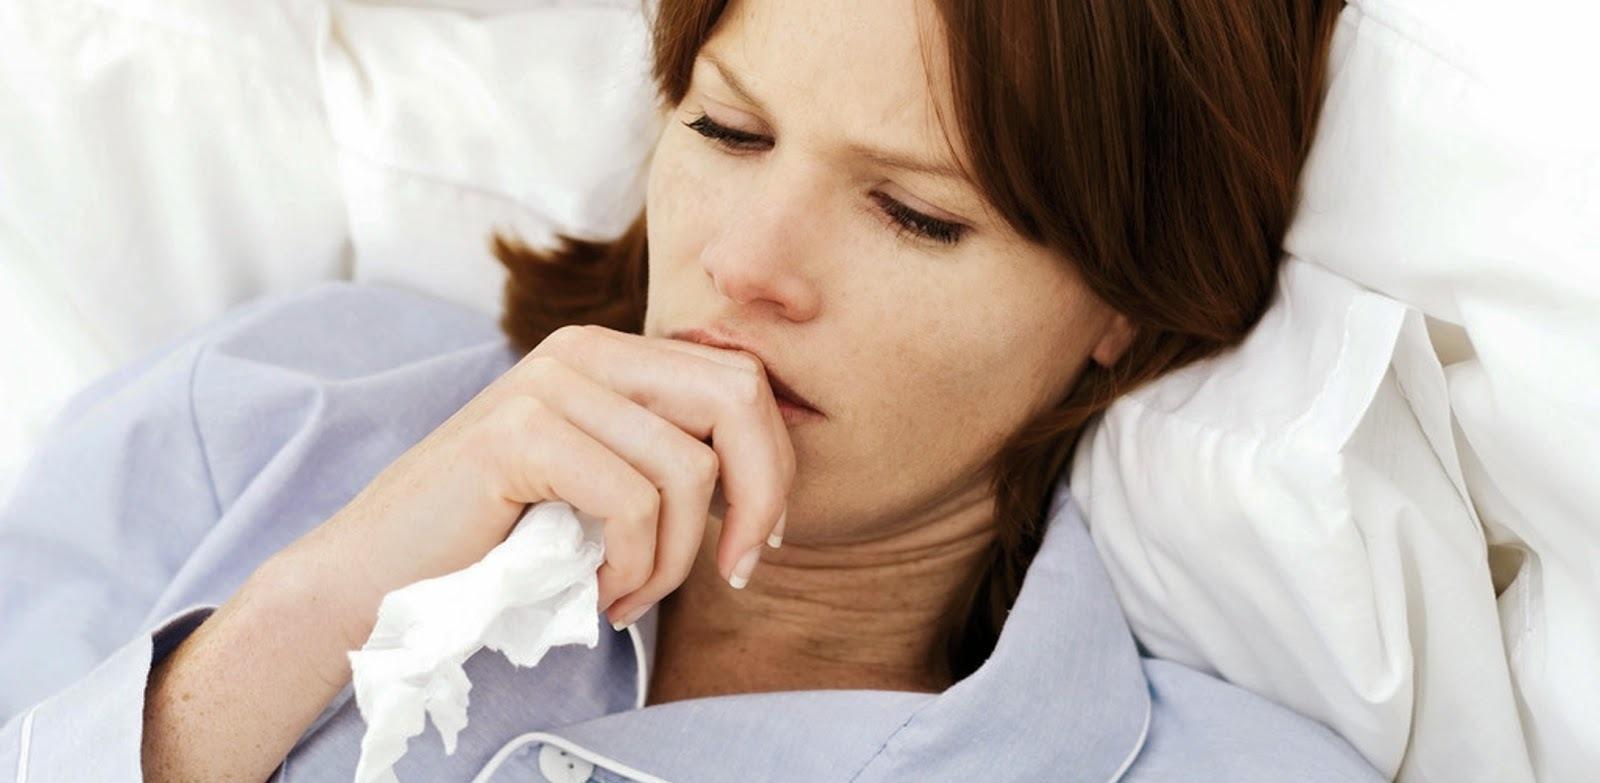 Tosse Noturna: Causas e Remédios Caseiros